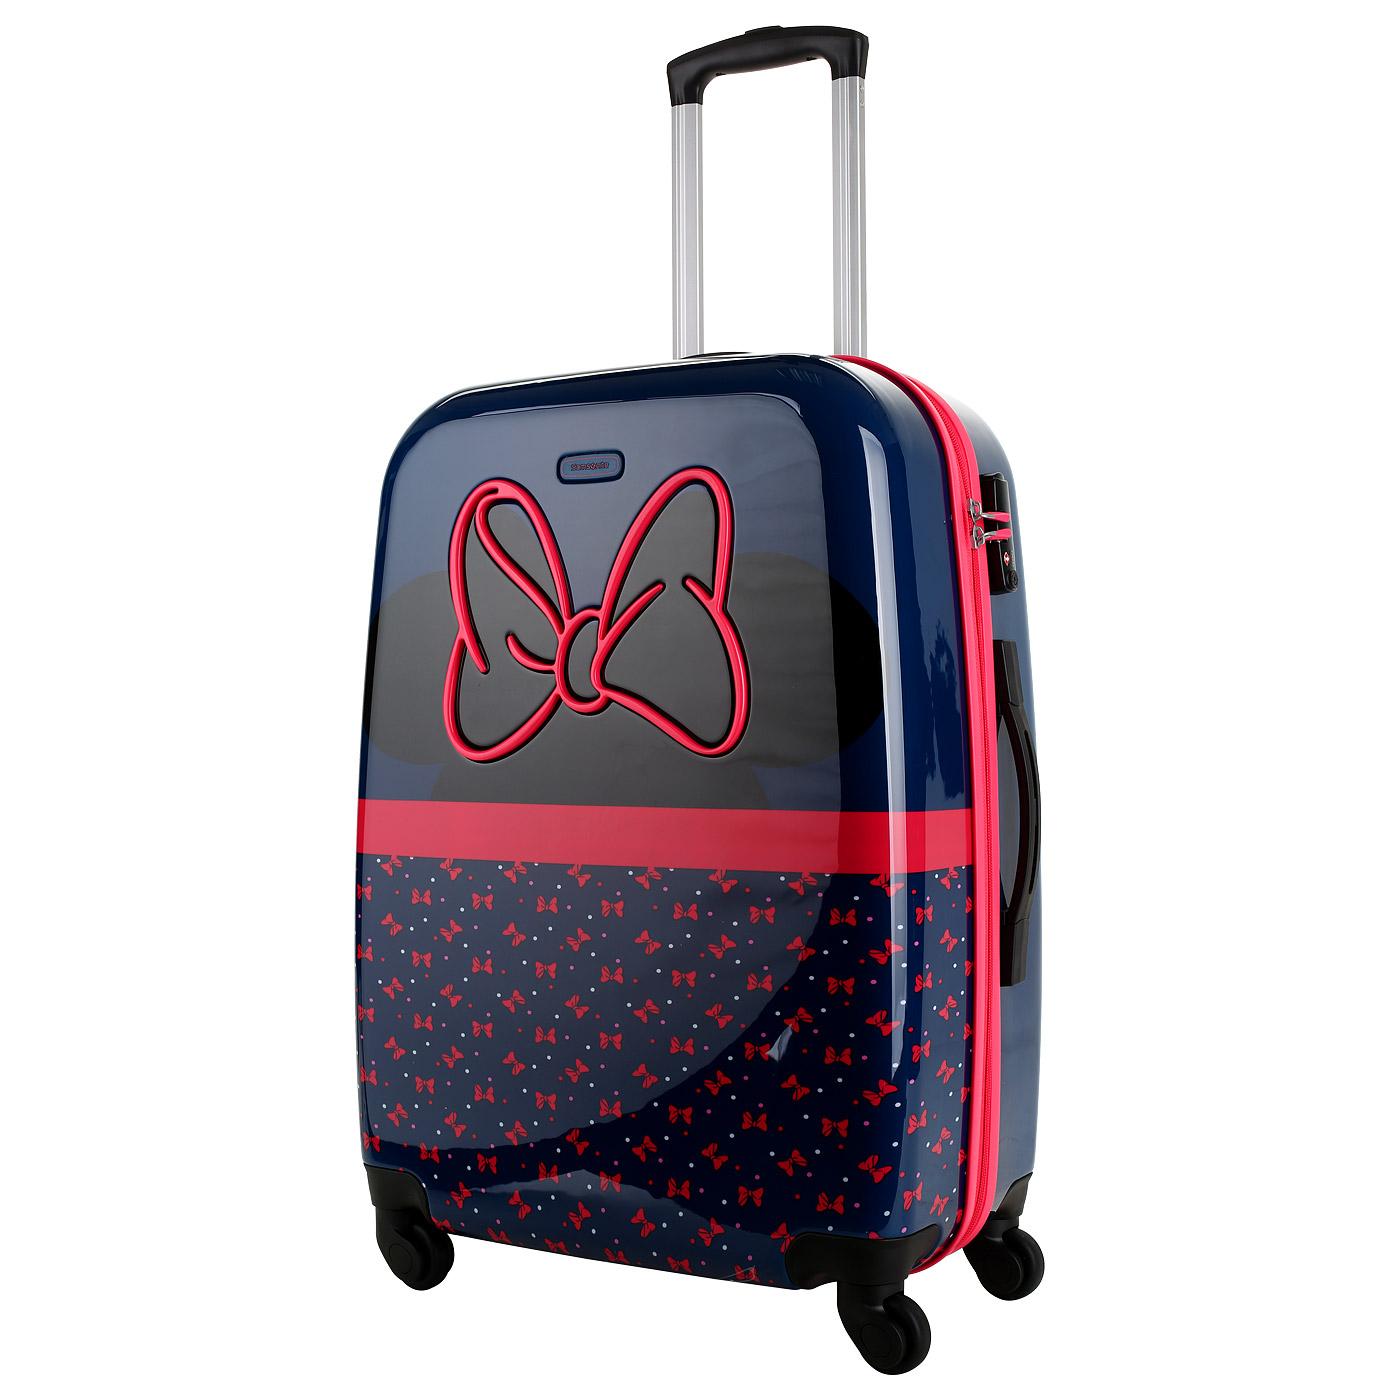 Купить чемодан на колесах в интернет магазине недорого в Москве распродажа